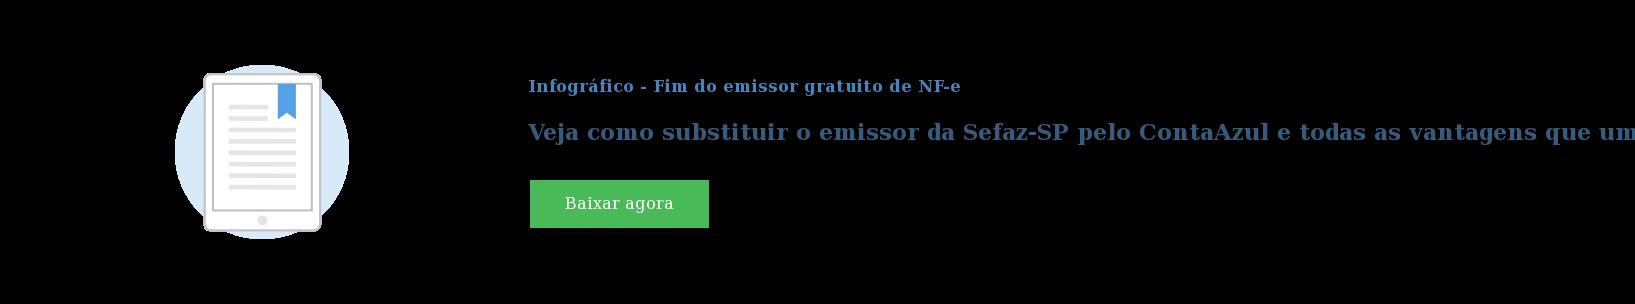 Infográfico - Fim do emissor gratuito de NF-e  Veja como substituir o emissor da Sefaz-SP pelo ContaAzul e todas as vantagens  que um sistema online oferece Baixar agora